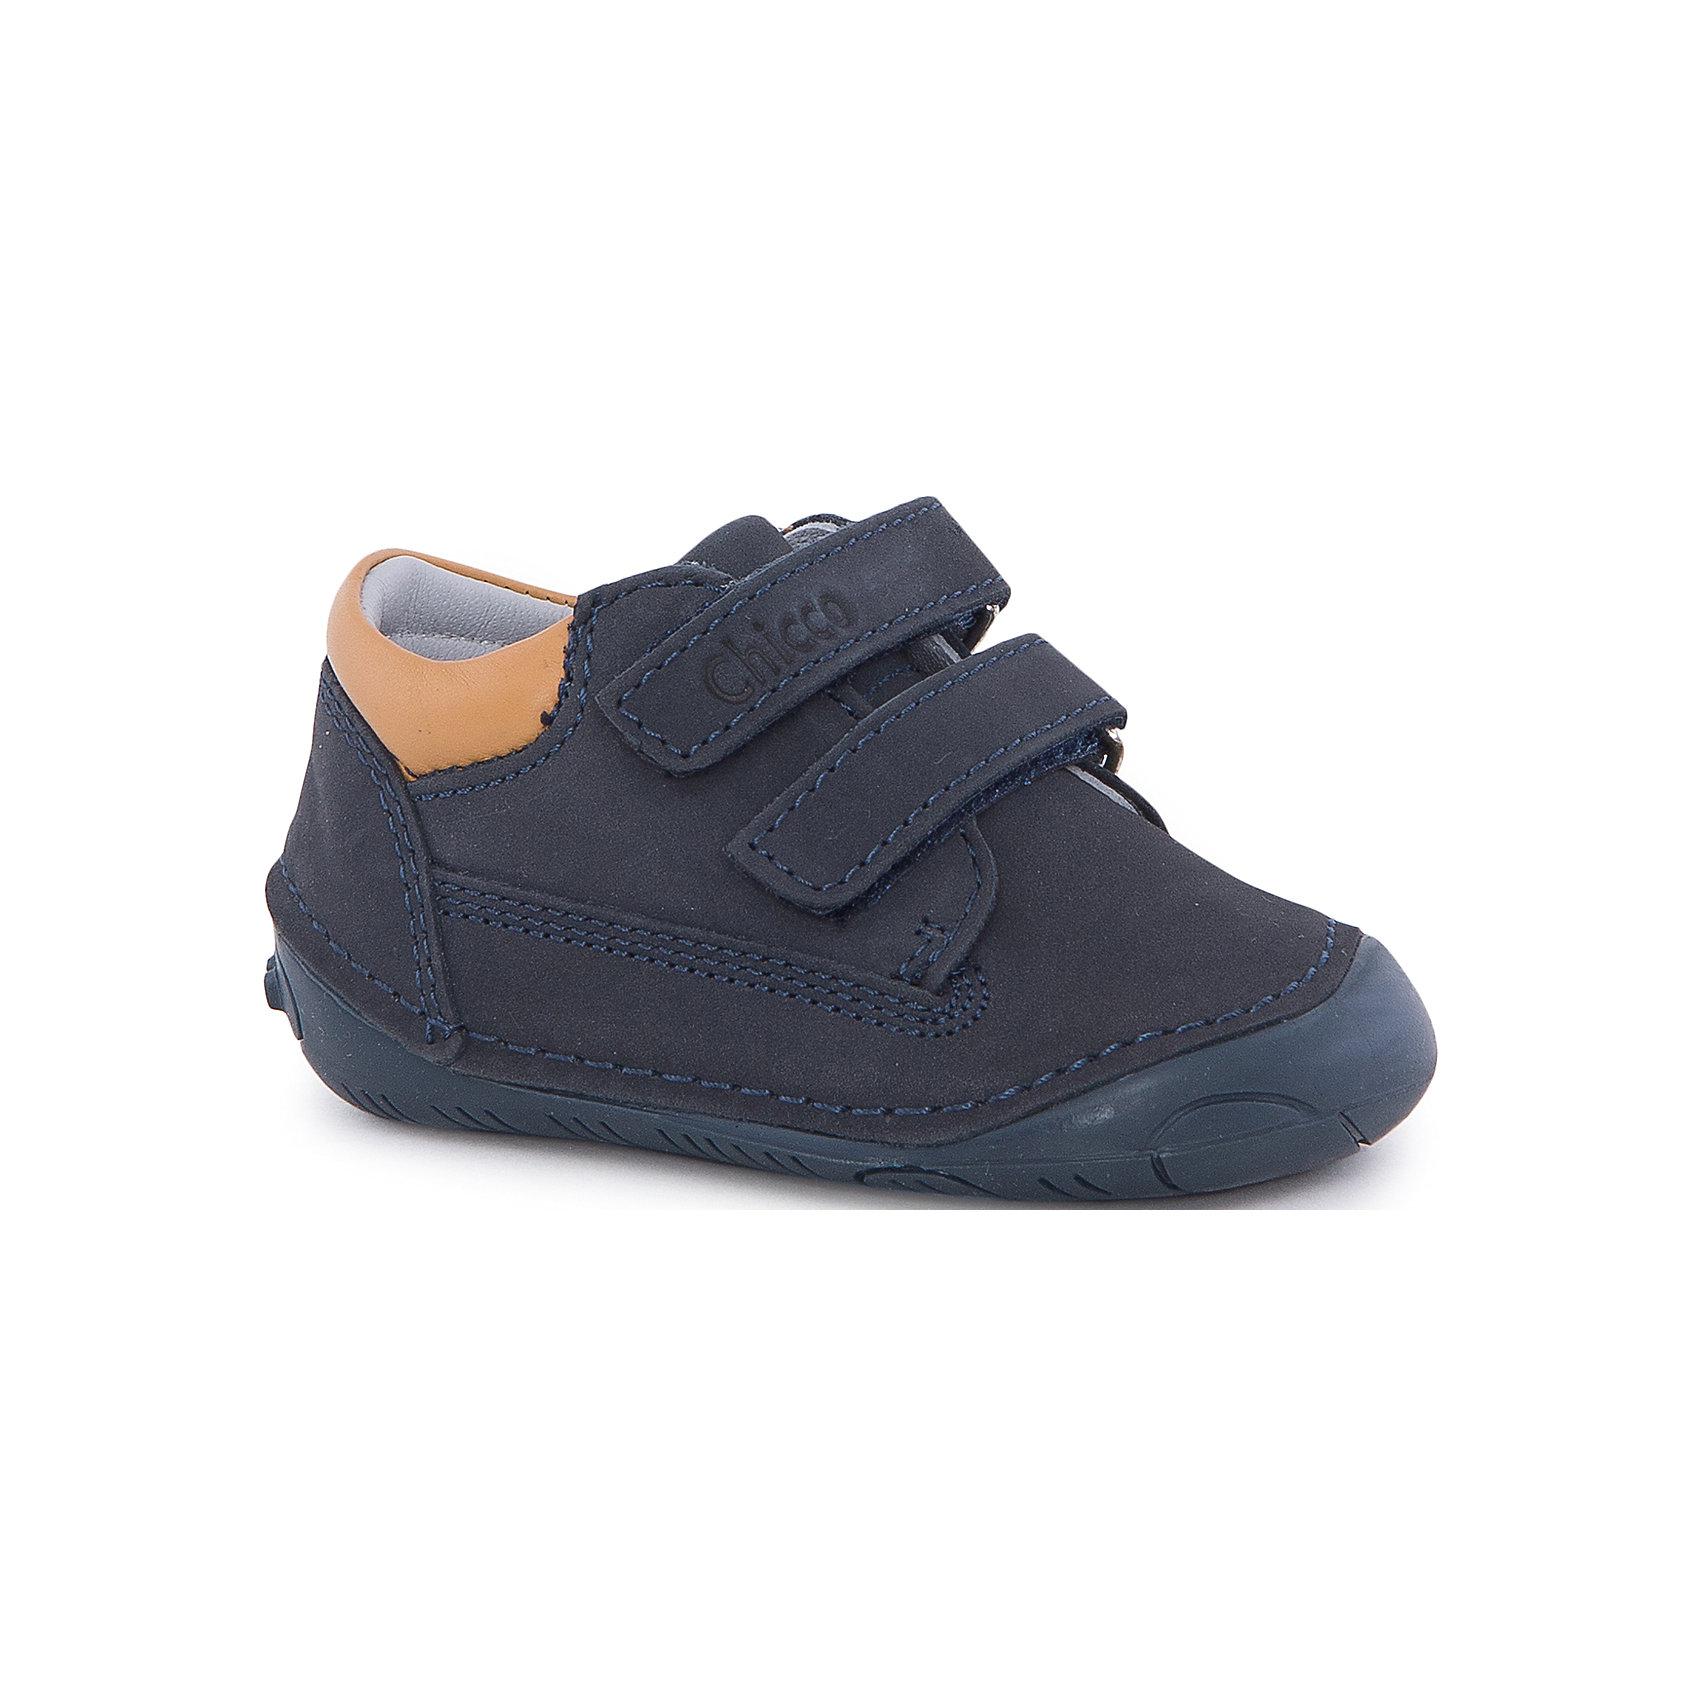 Полуботинки  для мальчика  CHICCOОбувь для малышей<br>Полуботинки для мальчика CHICCO<br><br>Характеристики:<br><br>Тип застежки: липучки, 2 шт.<br>Тип обуви: спортивные<br>Особенности обуви: усиленный носок<br>Декоративные элементы: контрастный задник<br>Цвет: синий<br><br>Материал: 100% кожа<br><br>Полуботинки для мальчика CHICCO можно купить в нашем интернет-магазине.<br><br>Ширина мм: 262<br>Глубина мм: 176<br>Высота мм: 97<br>Вес г: 427<br>Цвет: синий<br>Возраст от месяцев: 12<br>Возраст до месяцев: 15<br>Пол: Мужской<br>Возраст: Детский<br>Размер: 21,19,20<br>SKU: 5082847